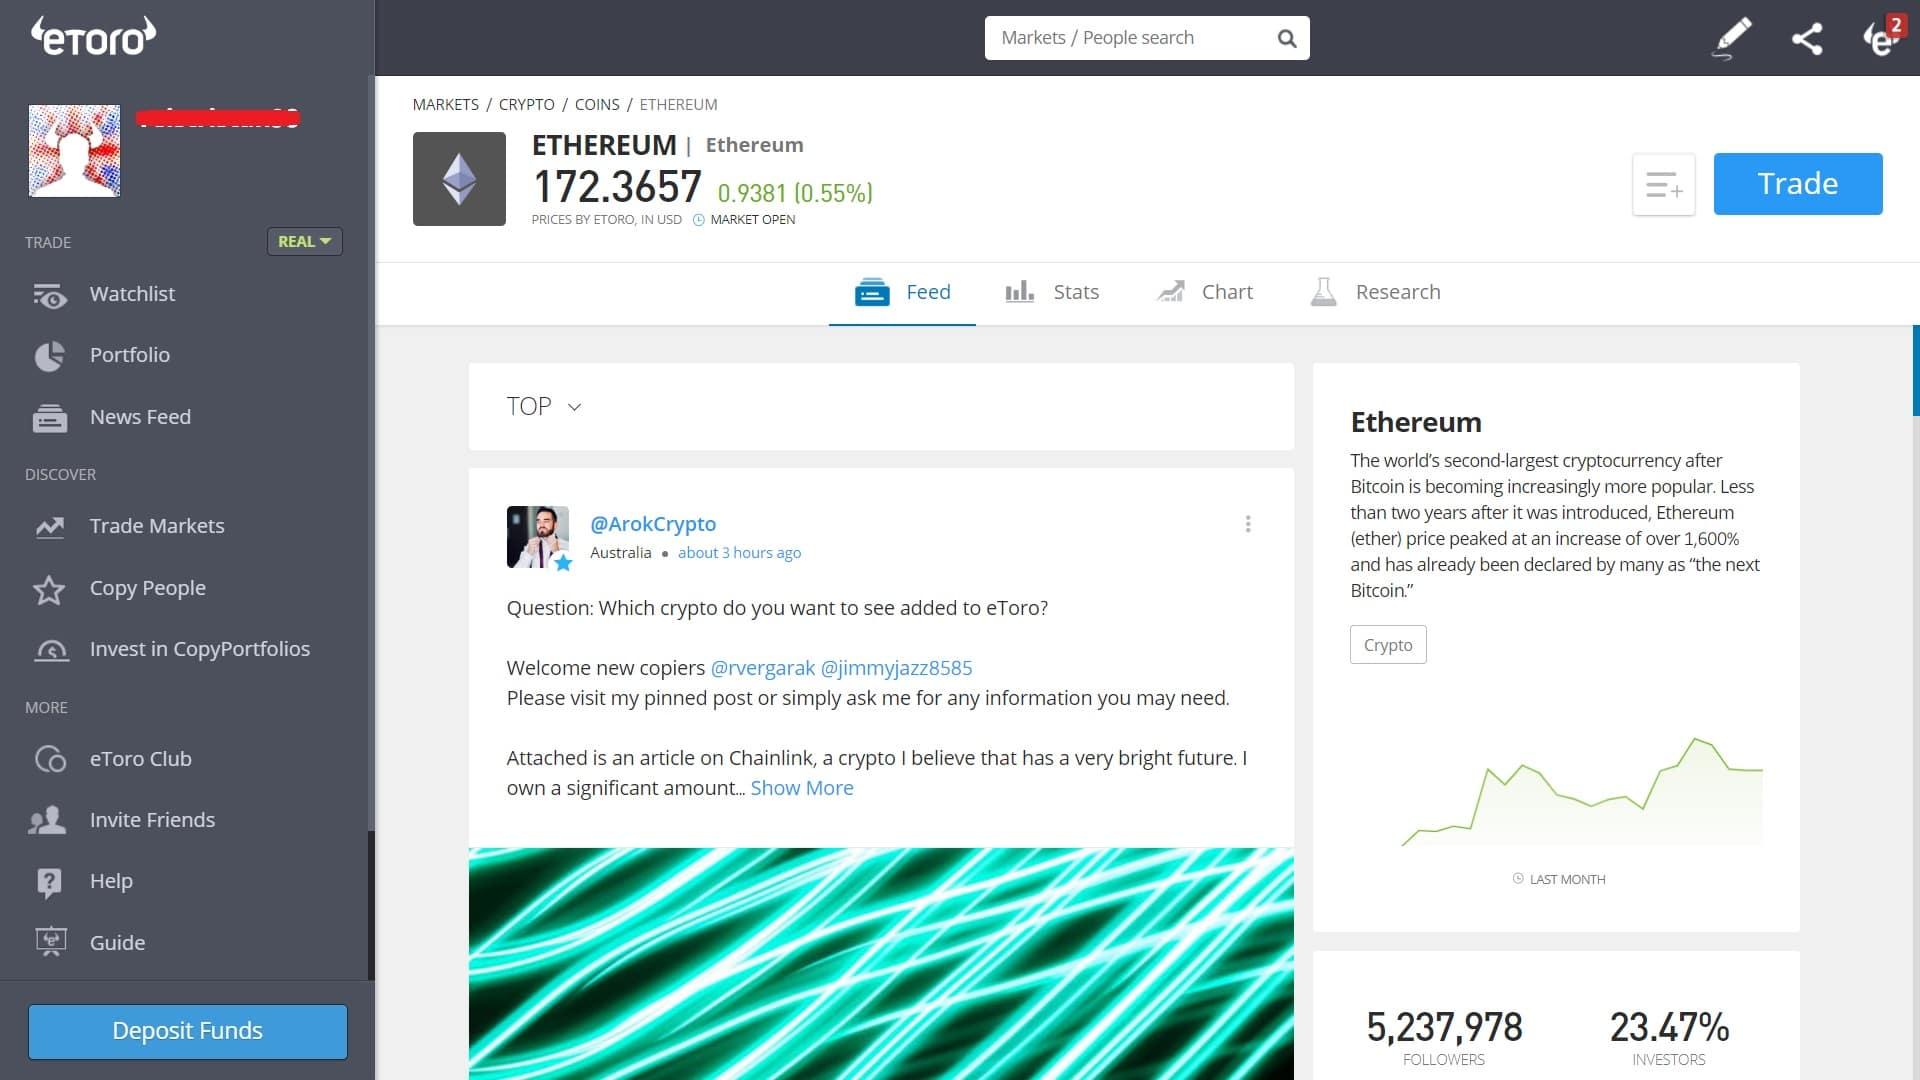 Ethereum trading on eToro's platform